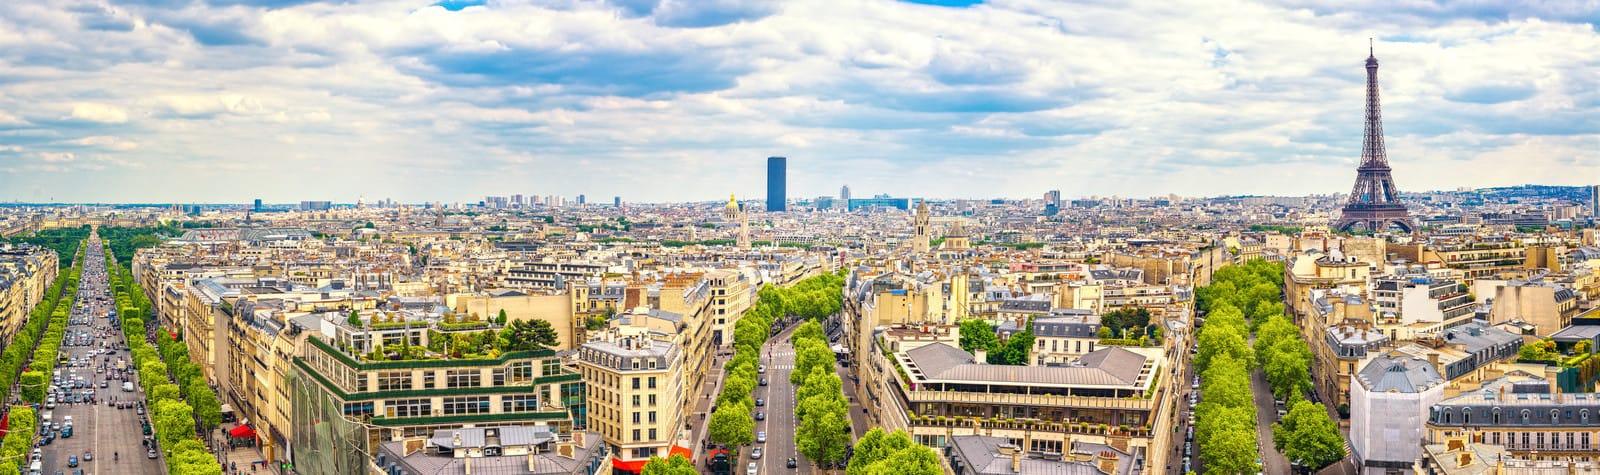 France by WorldWideWill